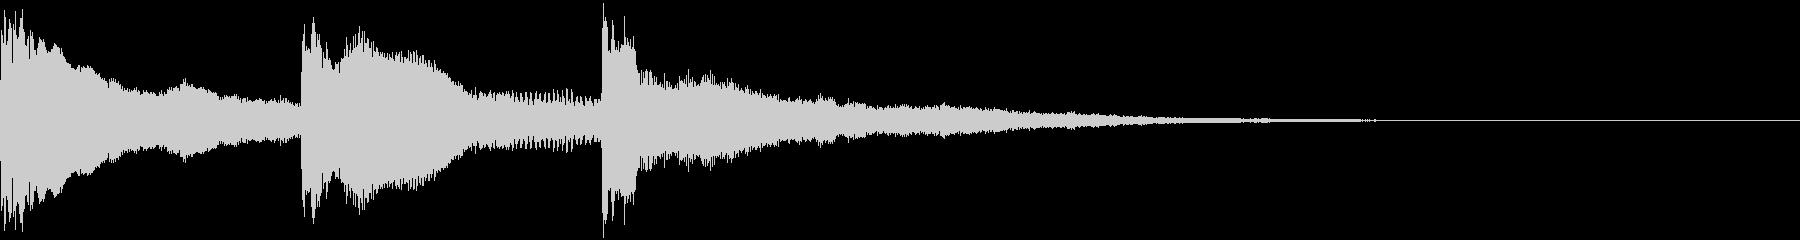 響きのあるホラーなジングルの未再生の波形